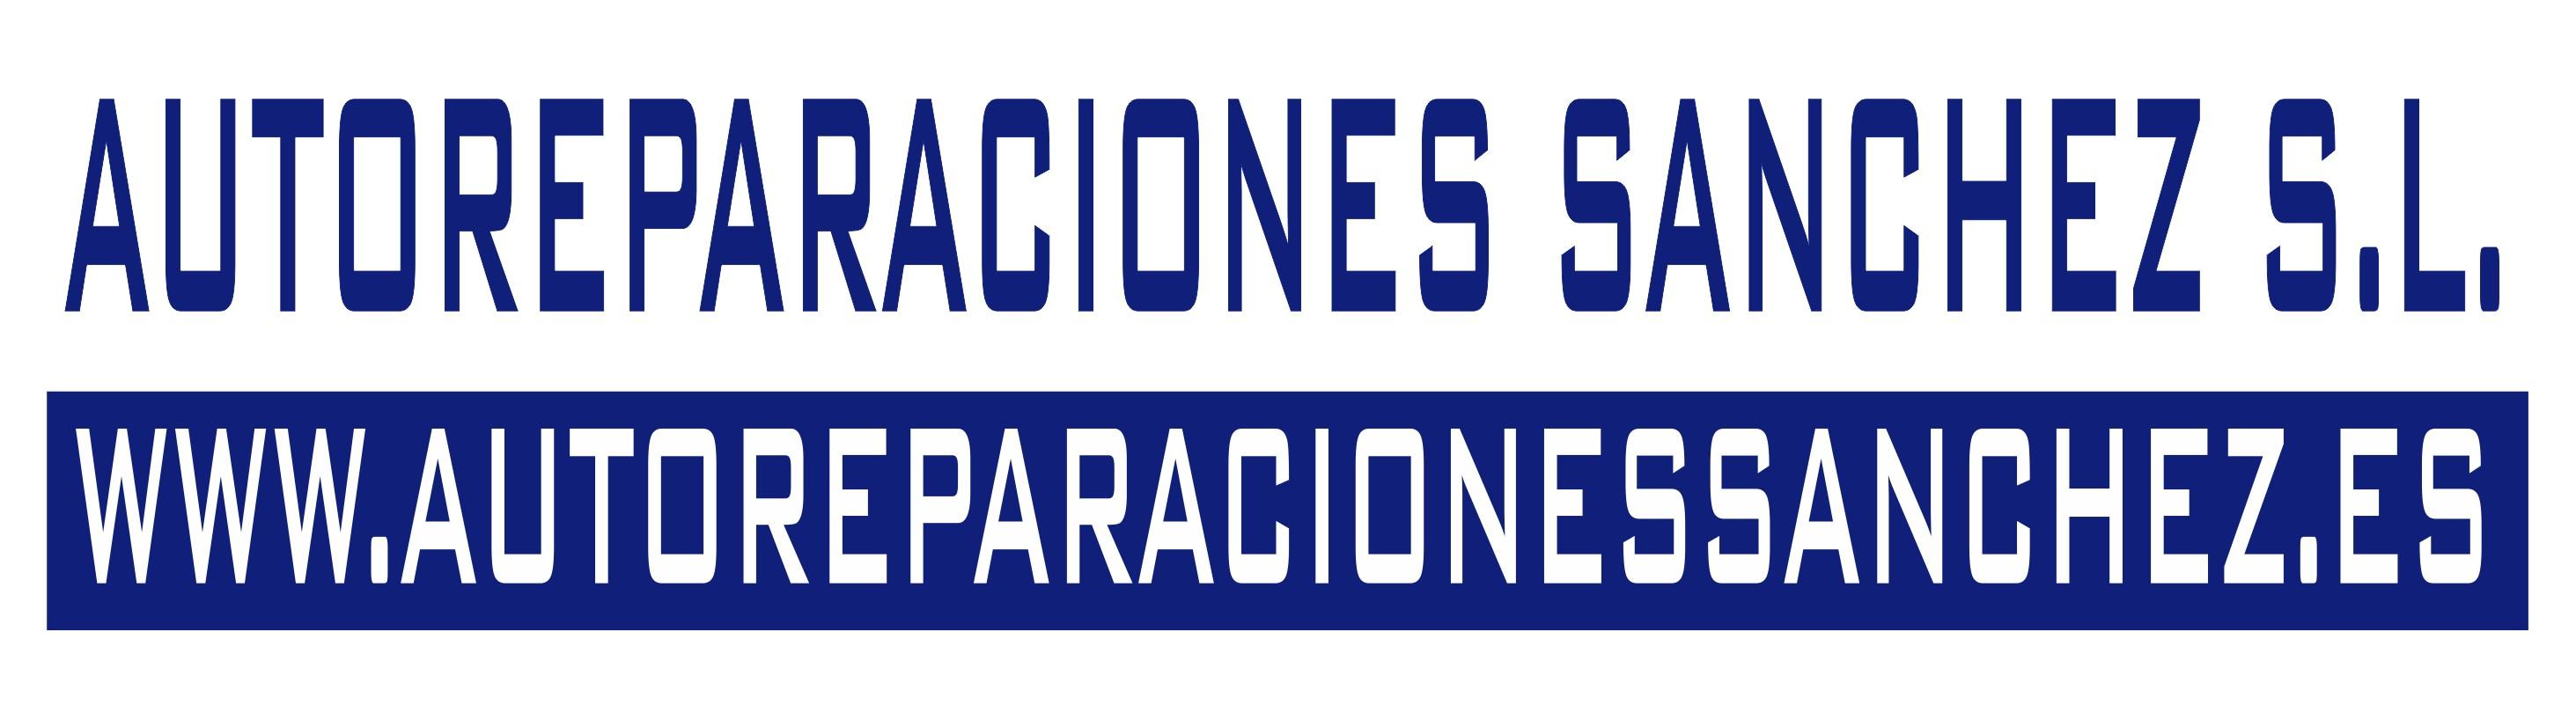 Reparaciones Sánchez